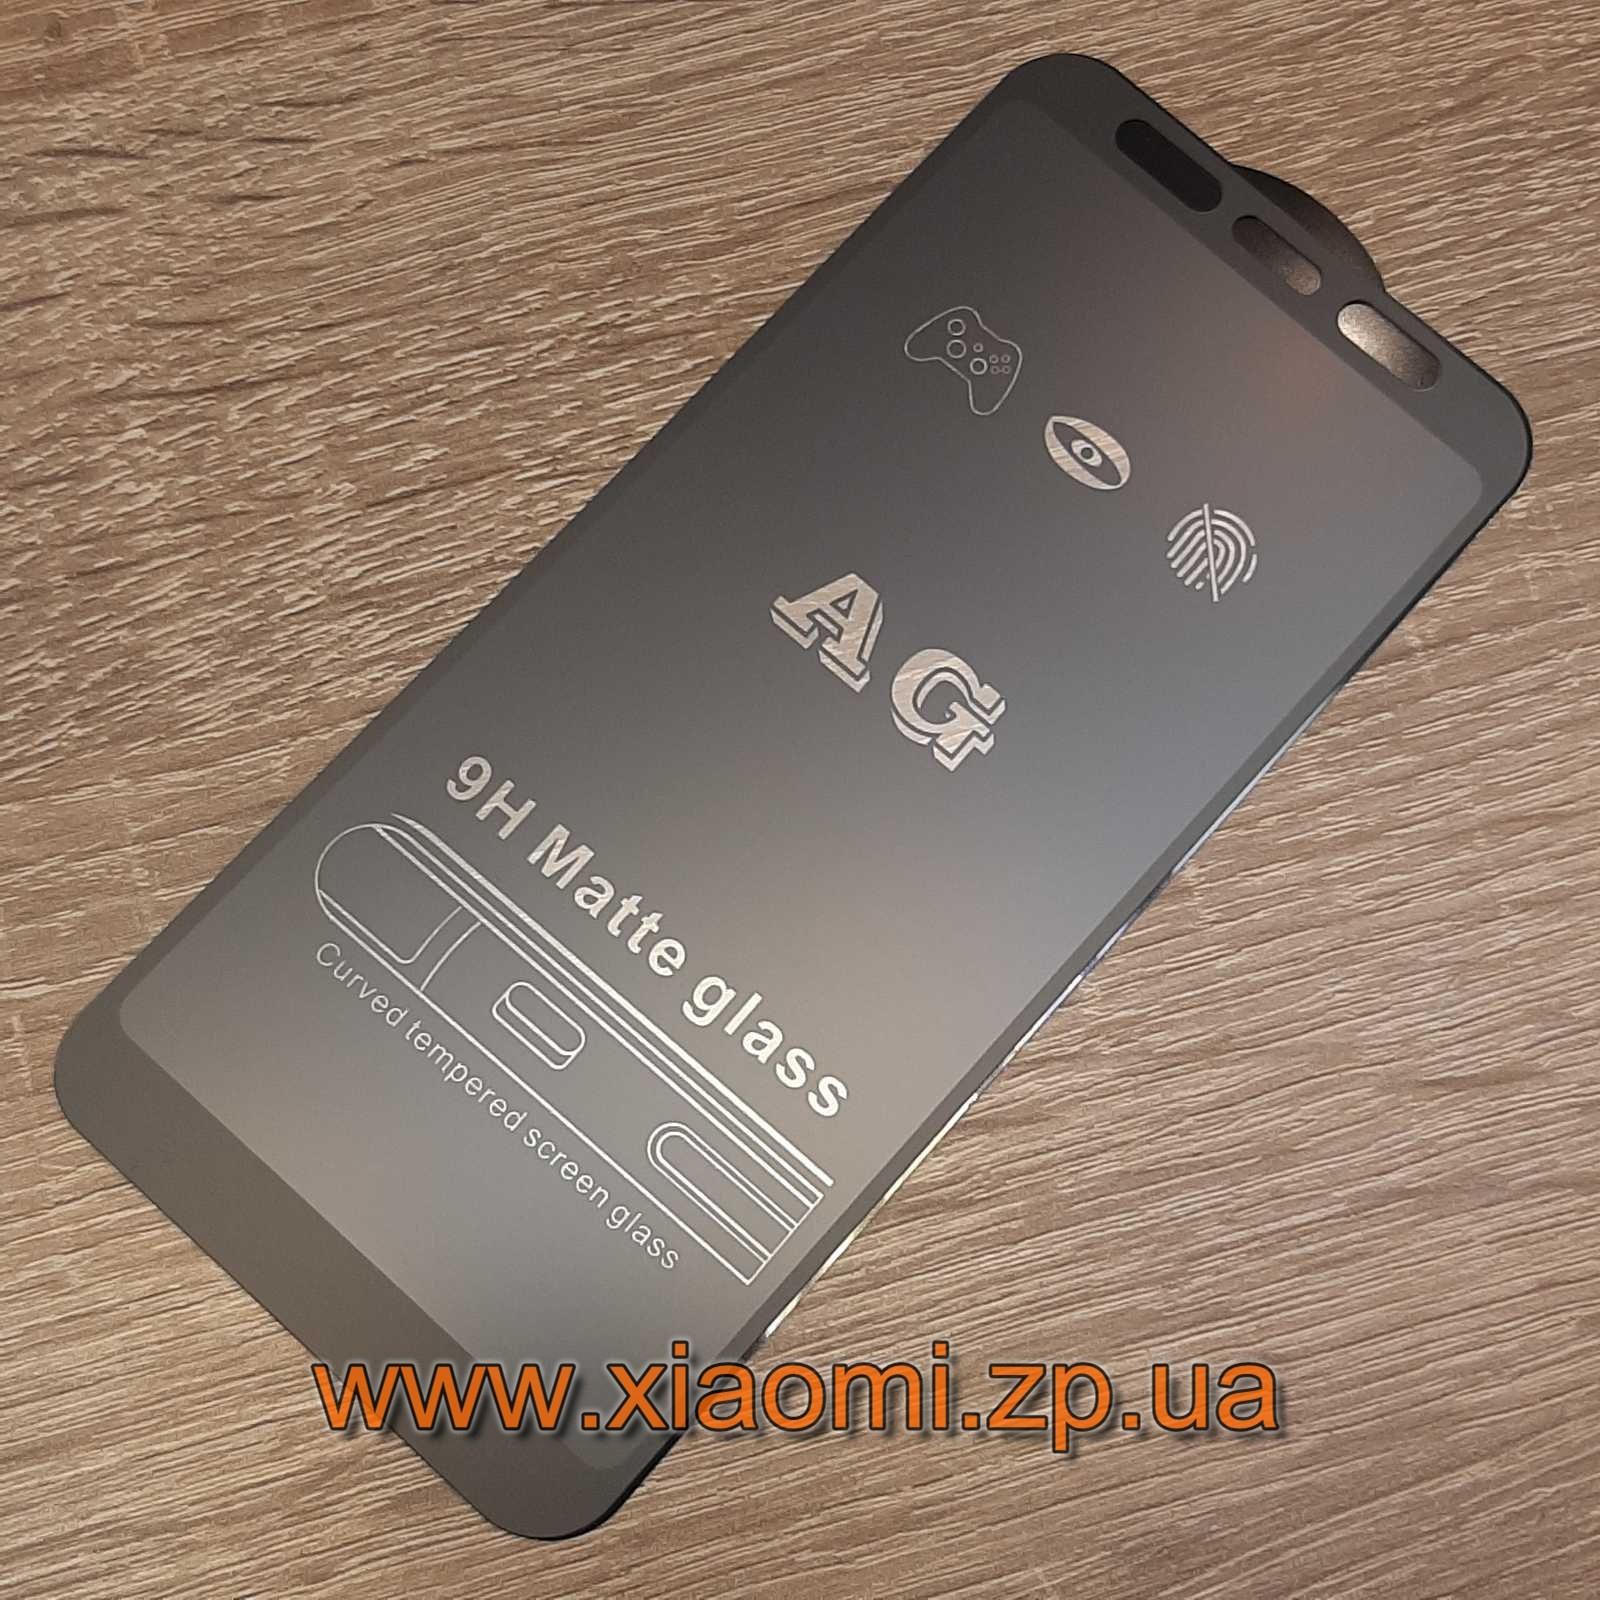 Матовое защитное стекло для Xiaomi Redmi Note 5